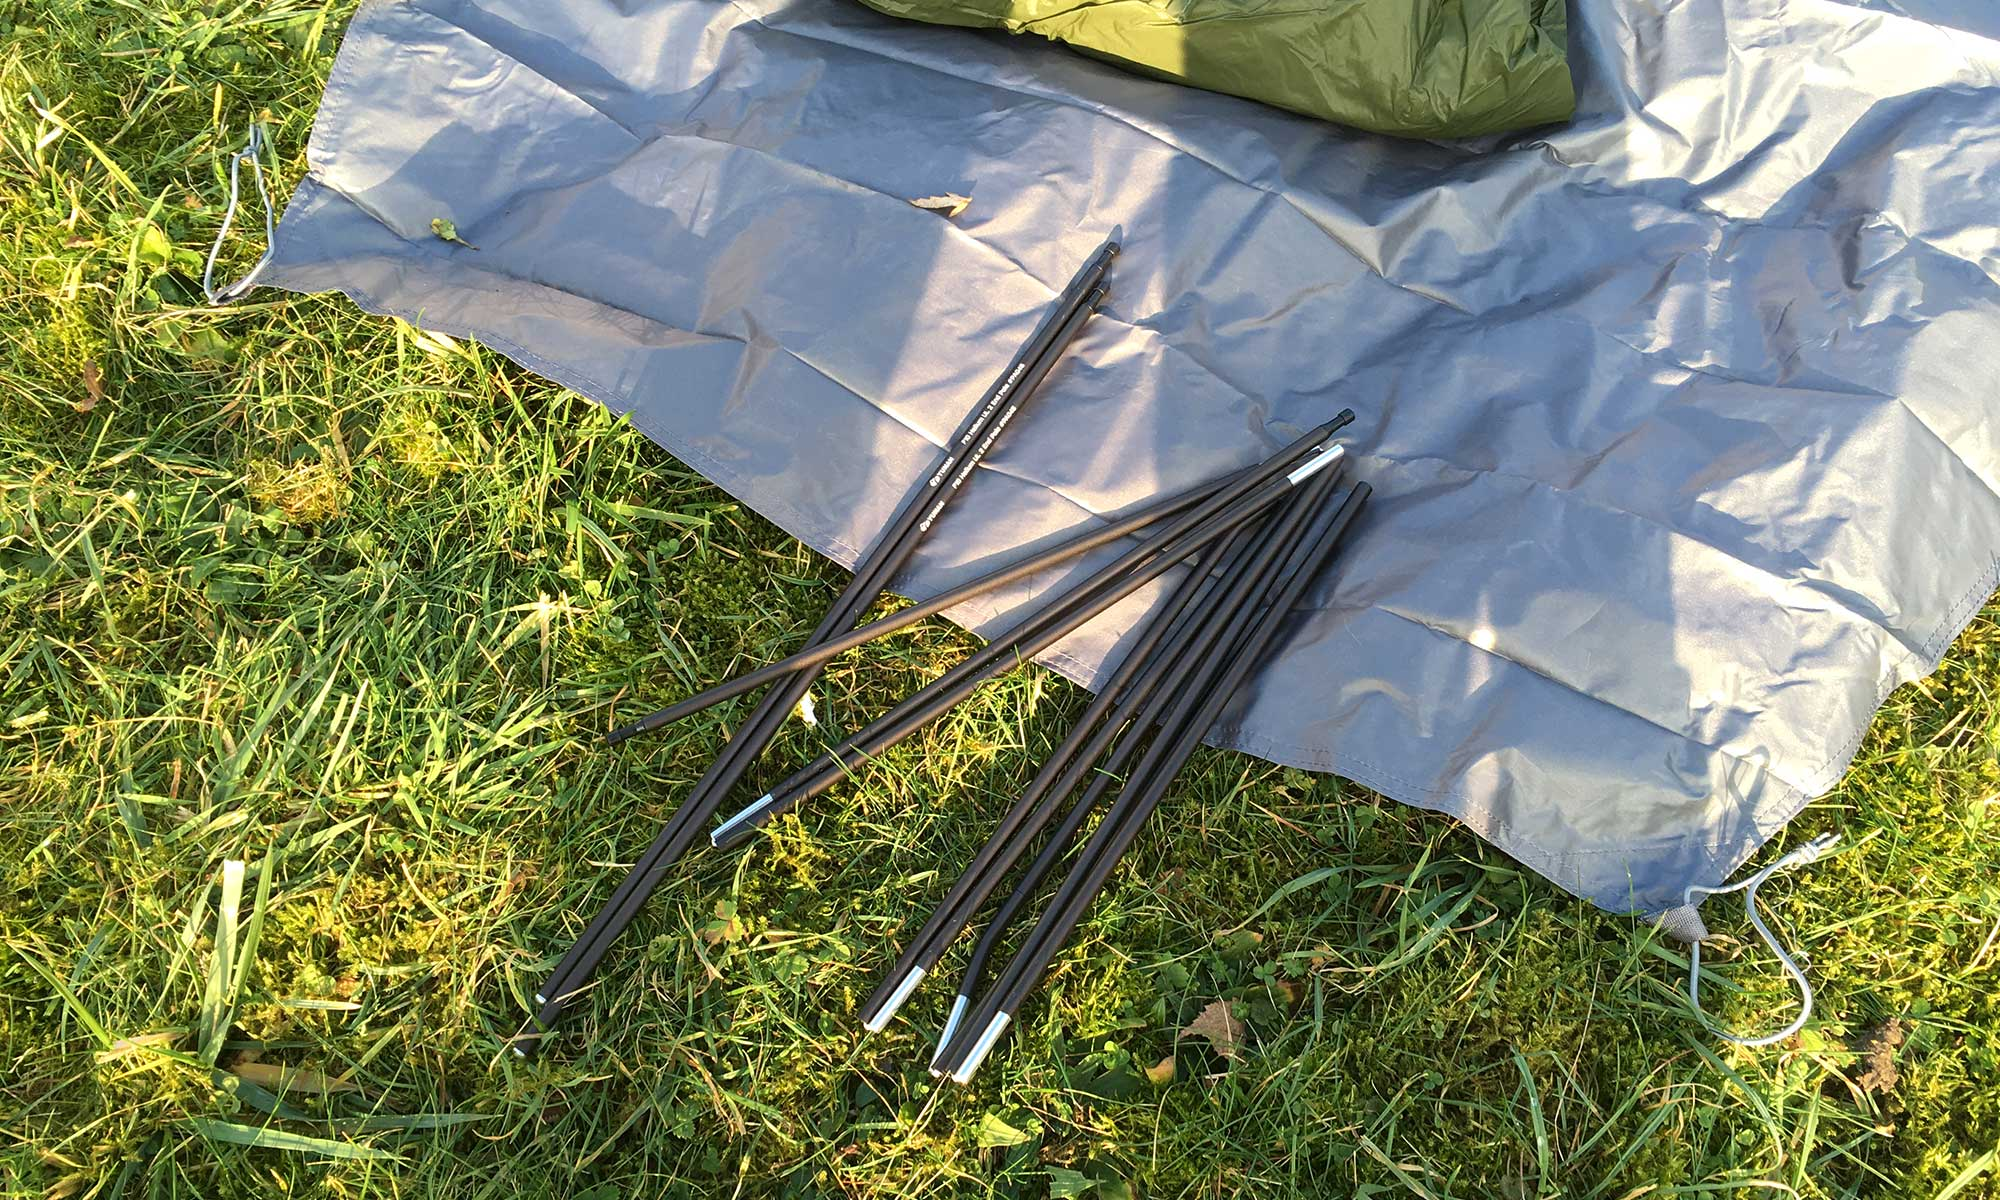 Vango F10 Helium UL2 Ultralight Zelt